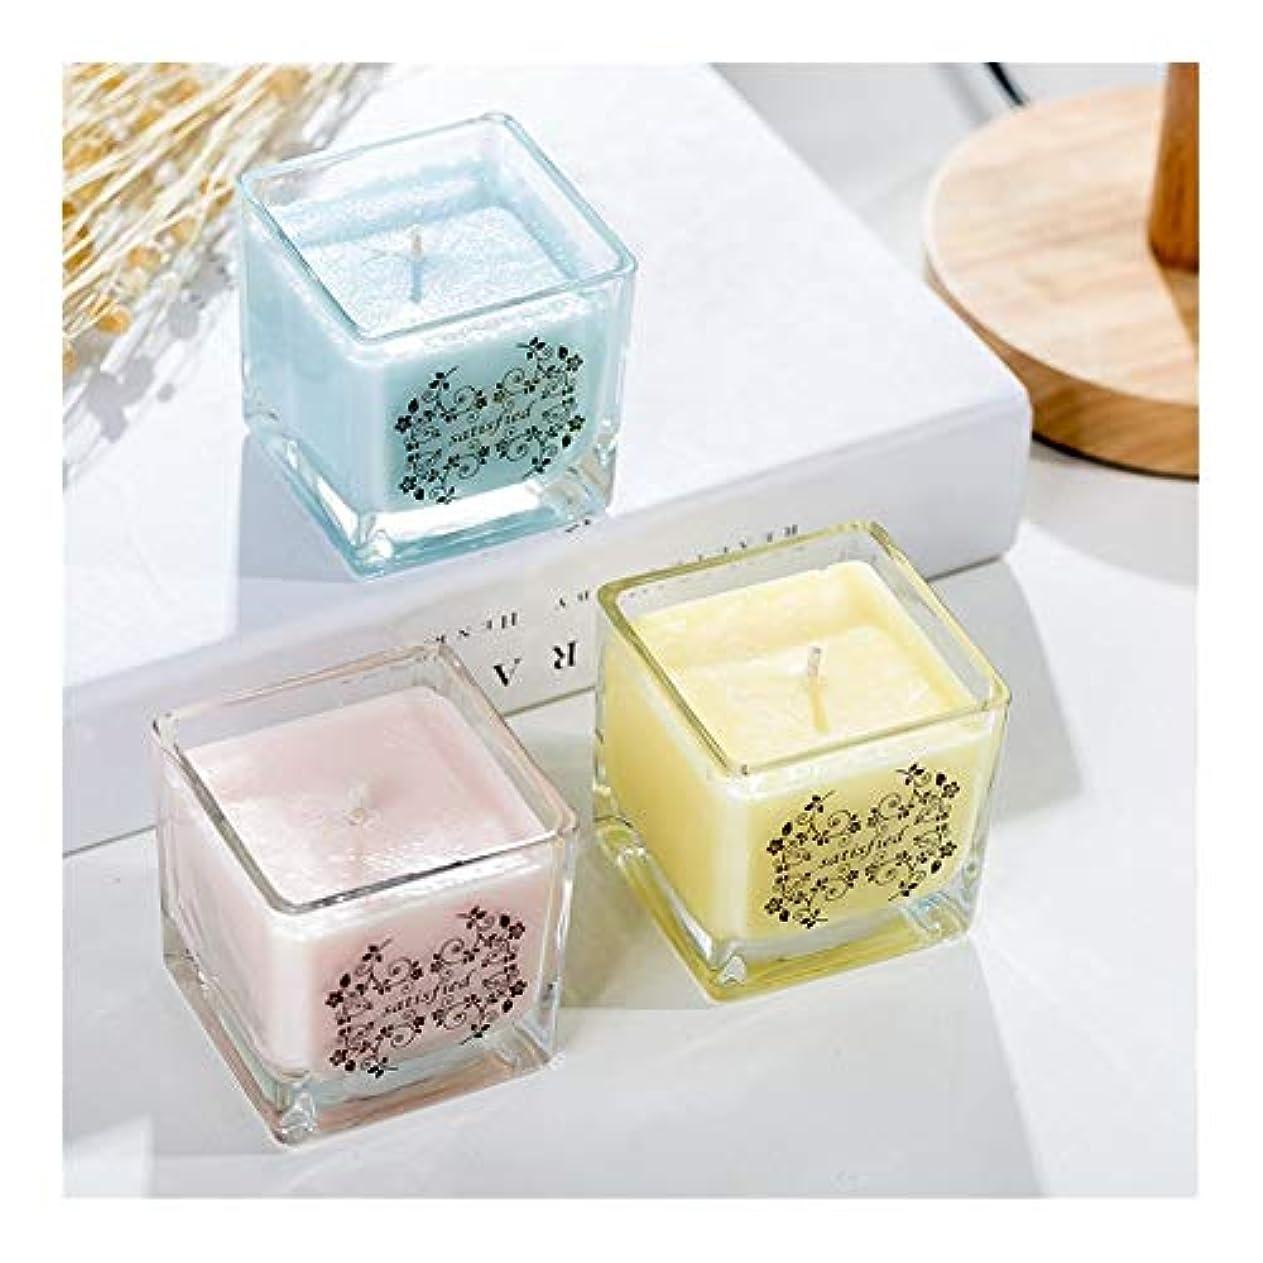 酸っぱい不注意収容するGuomao 正方形の無煙ガラスの大豆の香料入りの蝋燭の屋内新鮮な空気のラベンダーの香り (色 : Night scent)